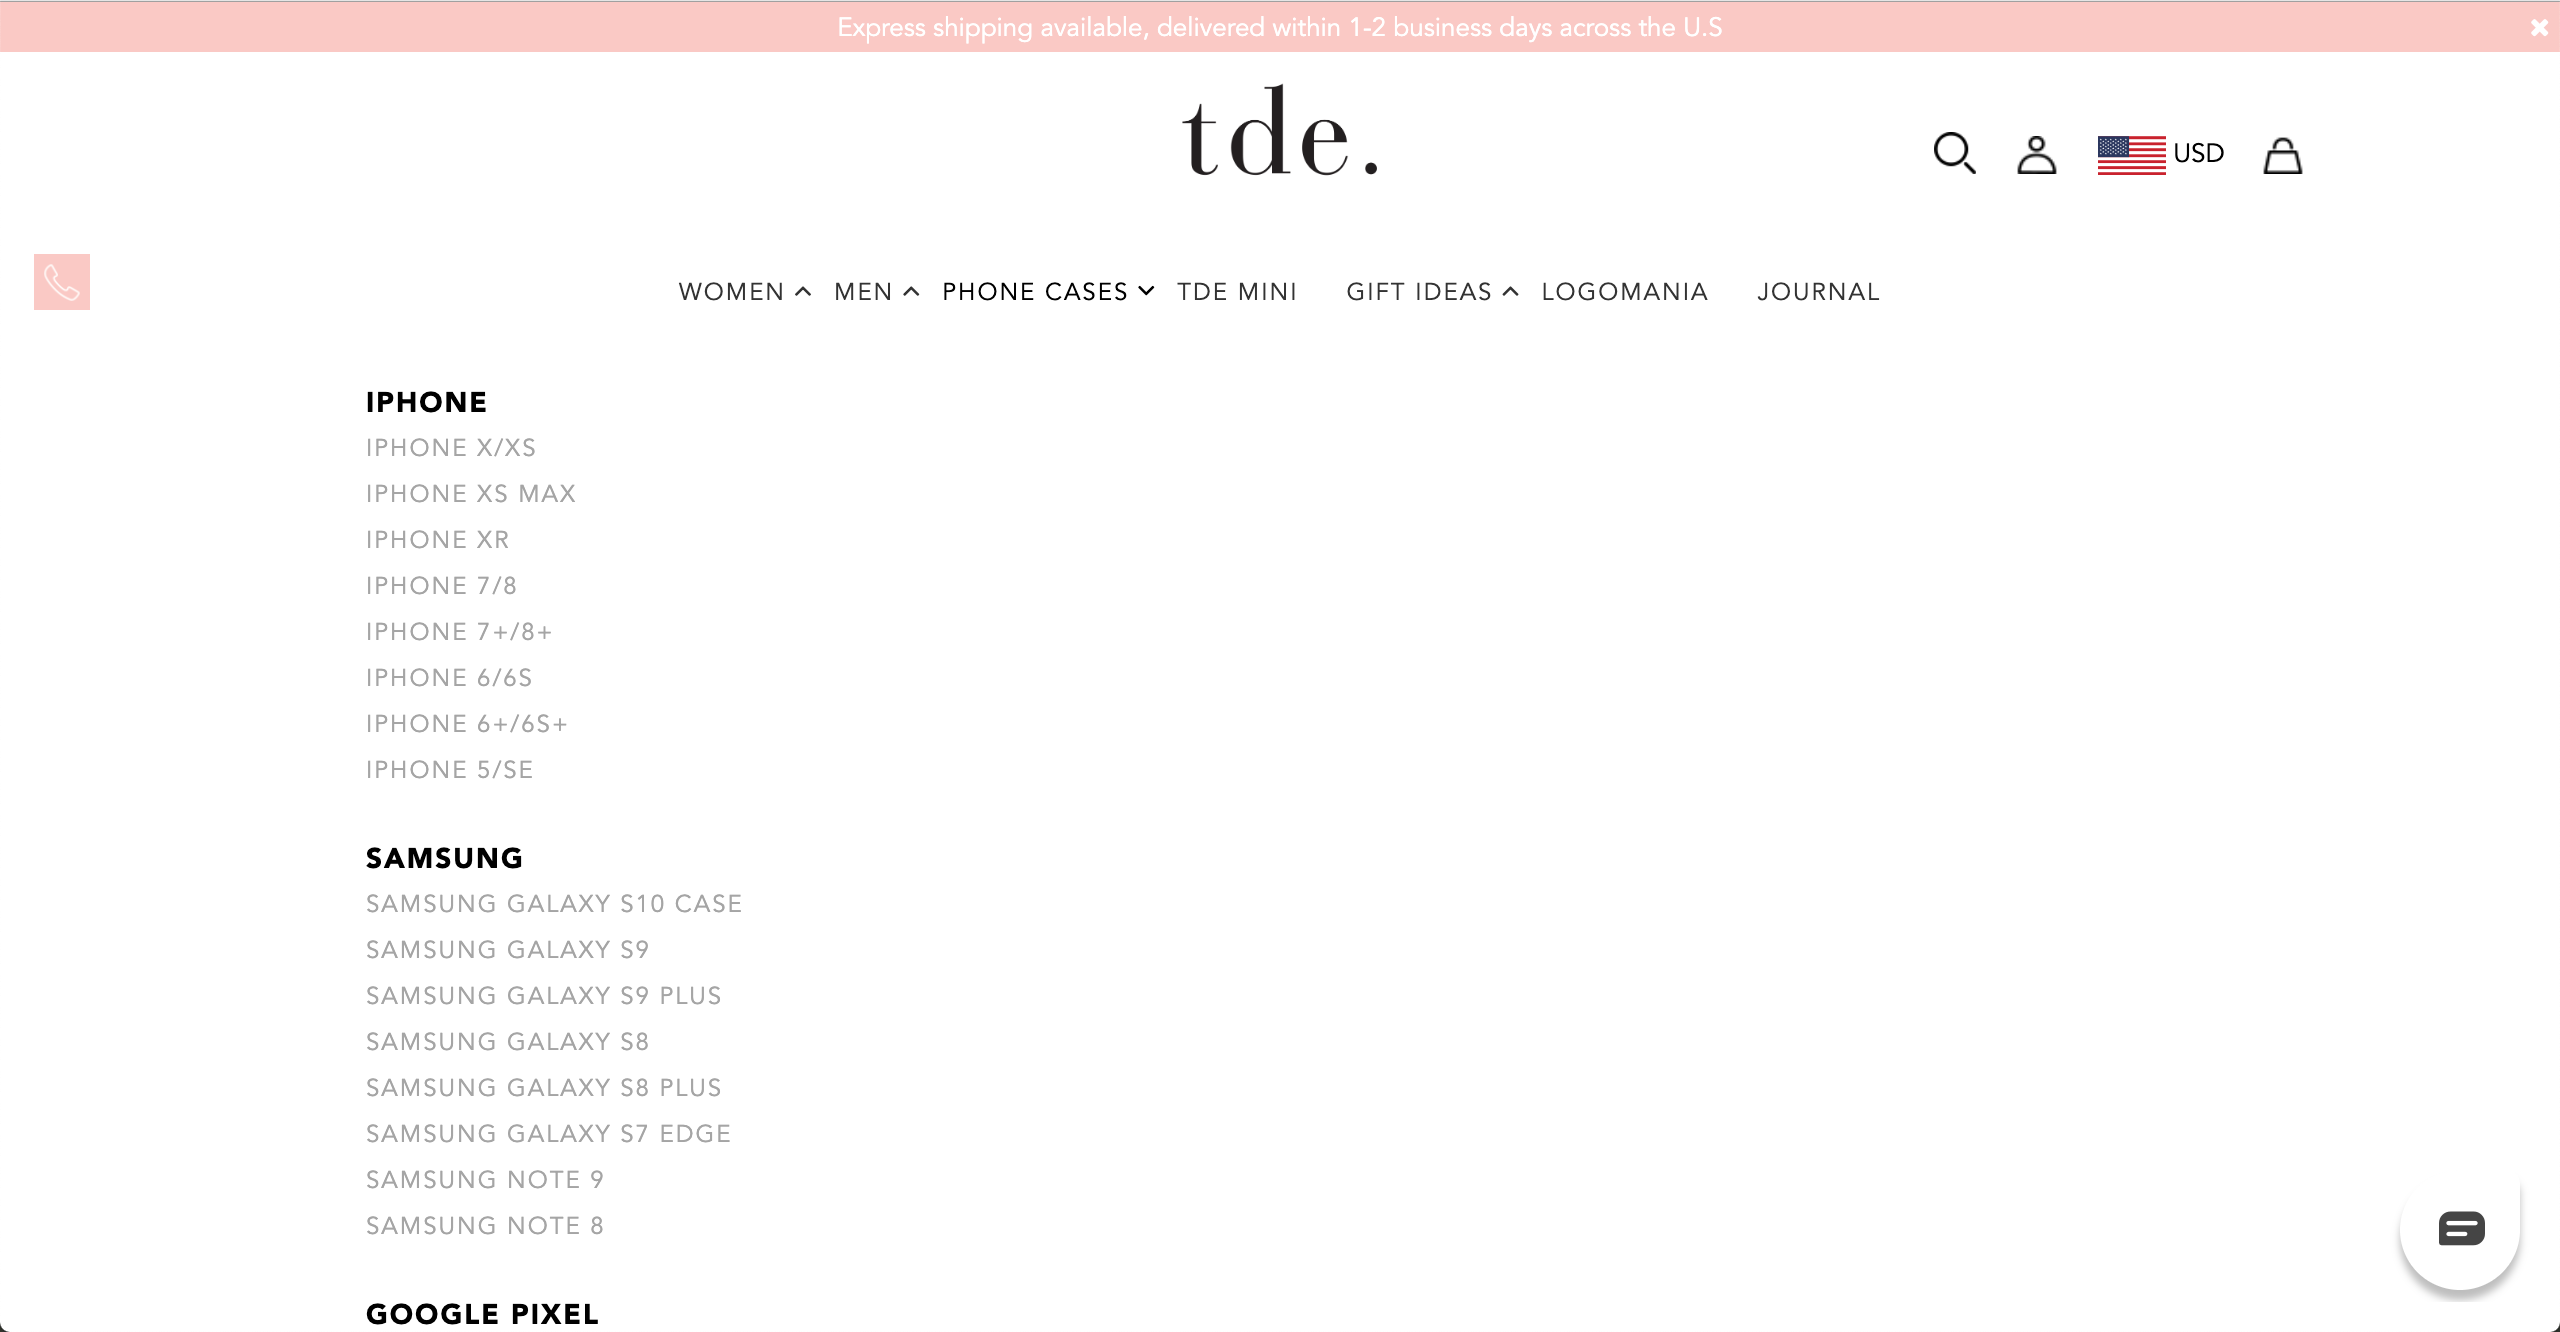 TDE accessories